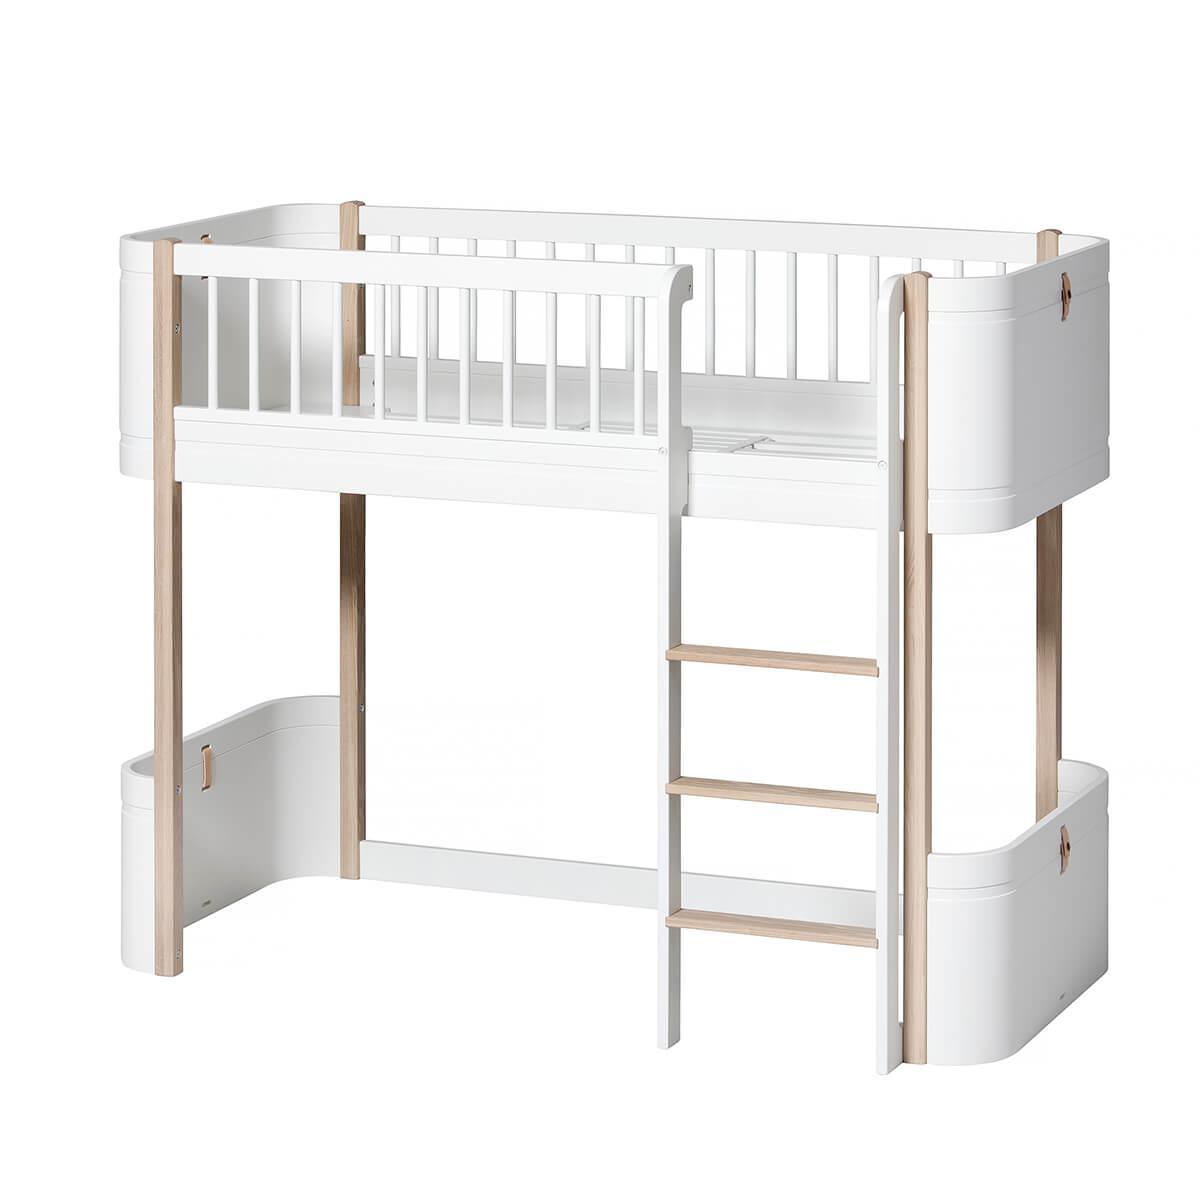 Niedriges Spielbett mitwachsend 68x162cm MINI+ WOOD Oliver Furniture weiß-Eiche